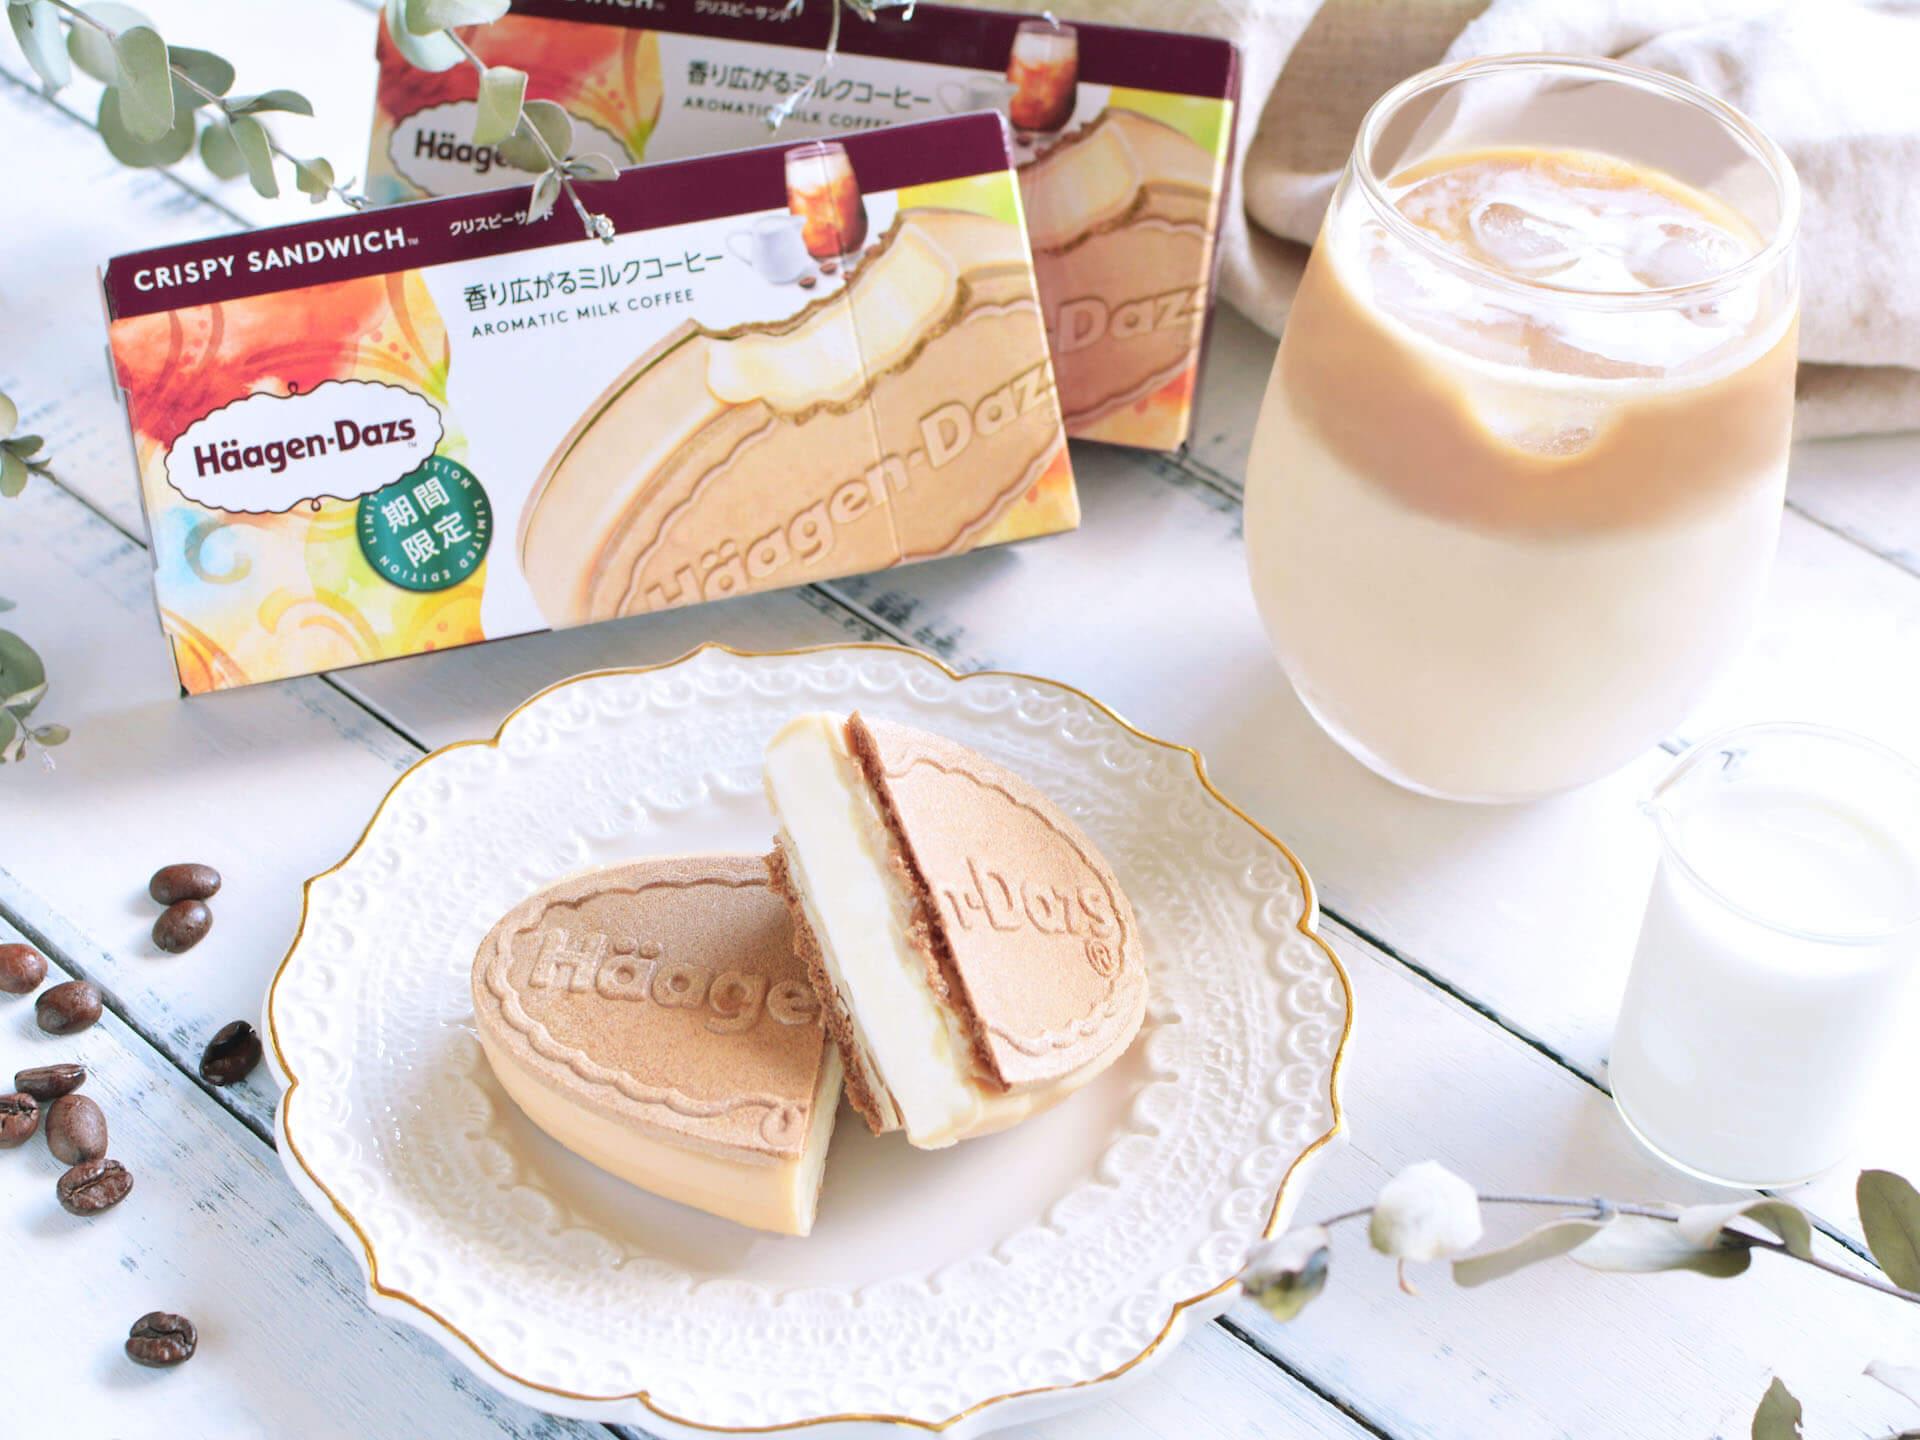 ハーゲンダッツ クリスピーサンドからミルクコーヒーの味わいたっぷりの『香り広がるミルクコーヒー』が新発売! gourmet210610_haagendazs_5